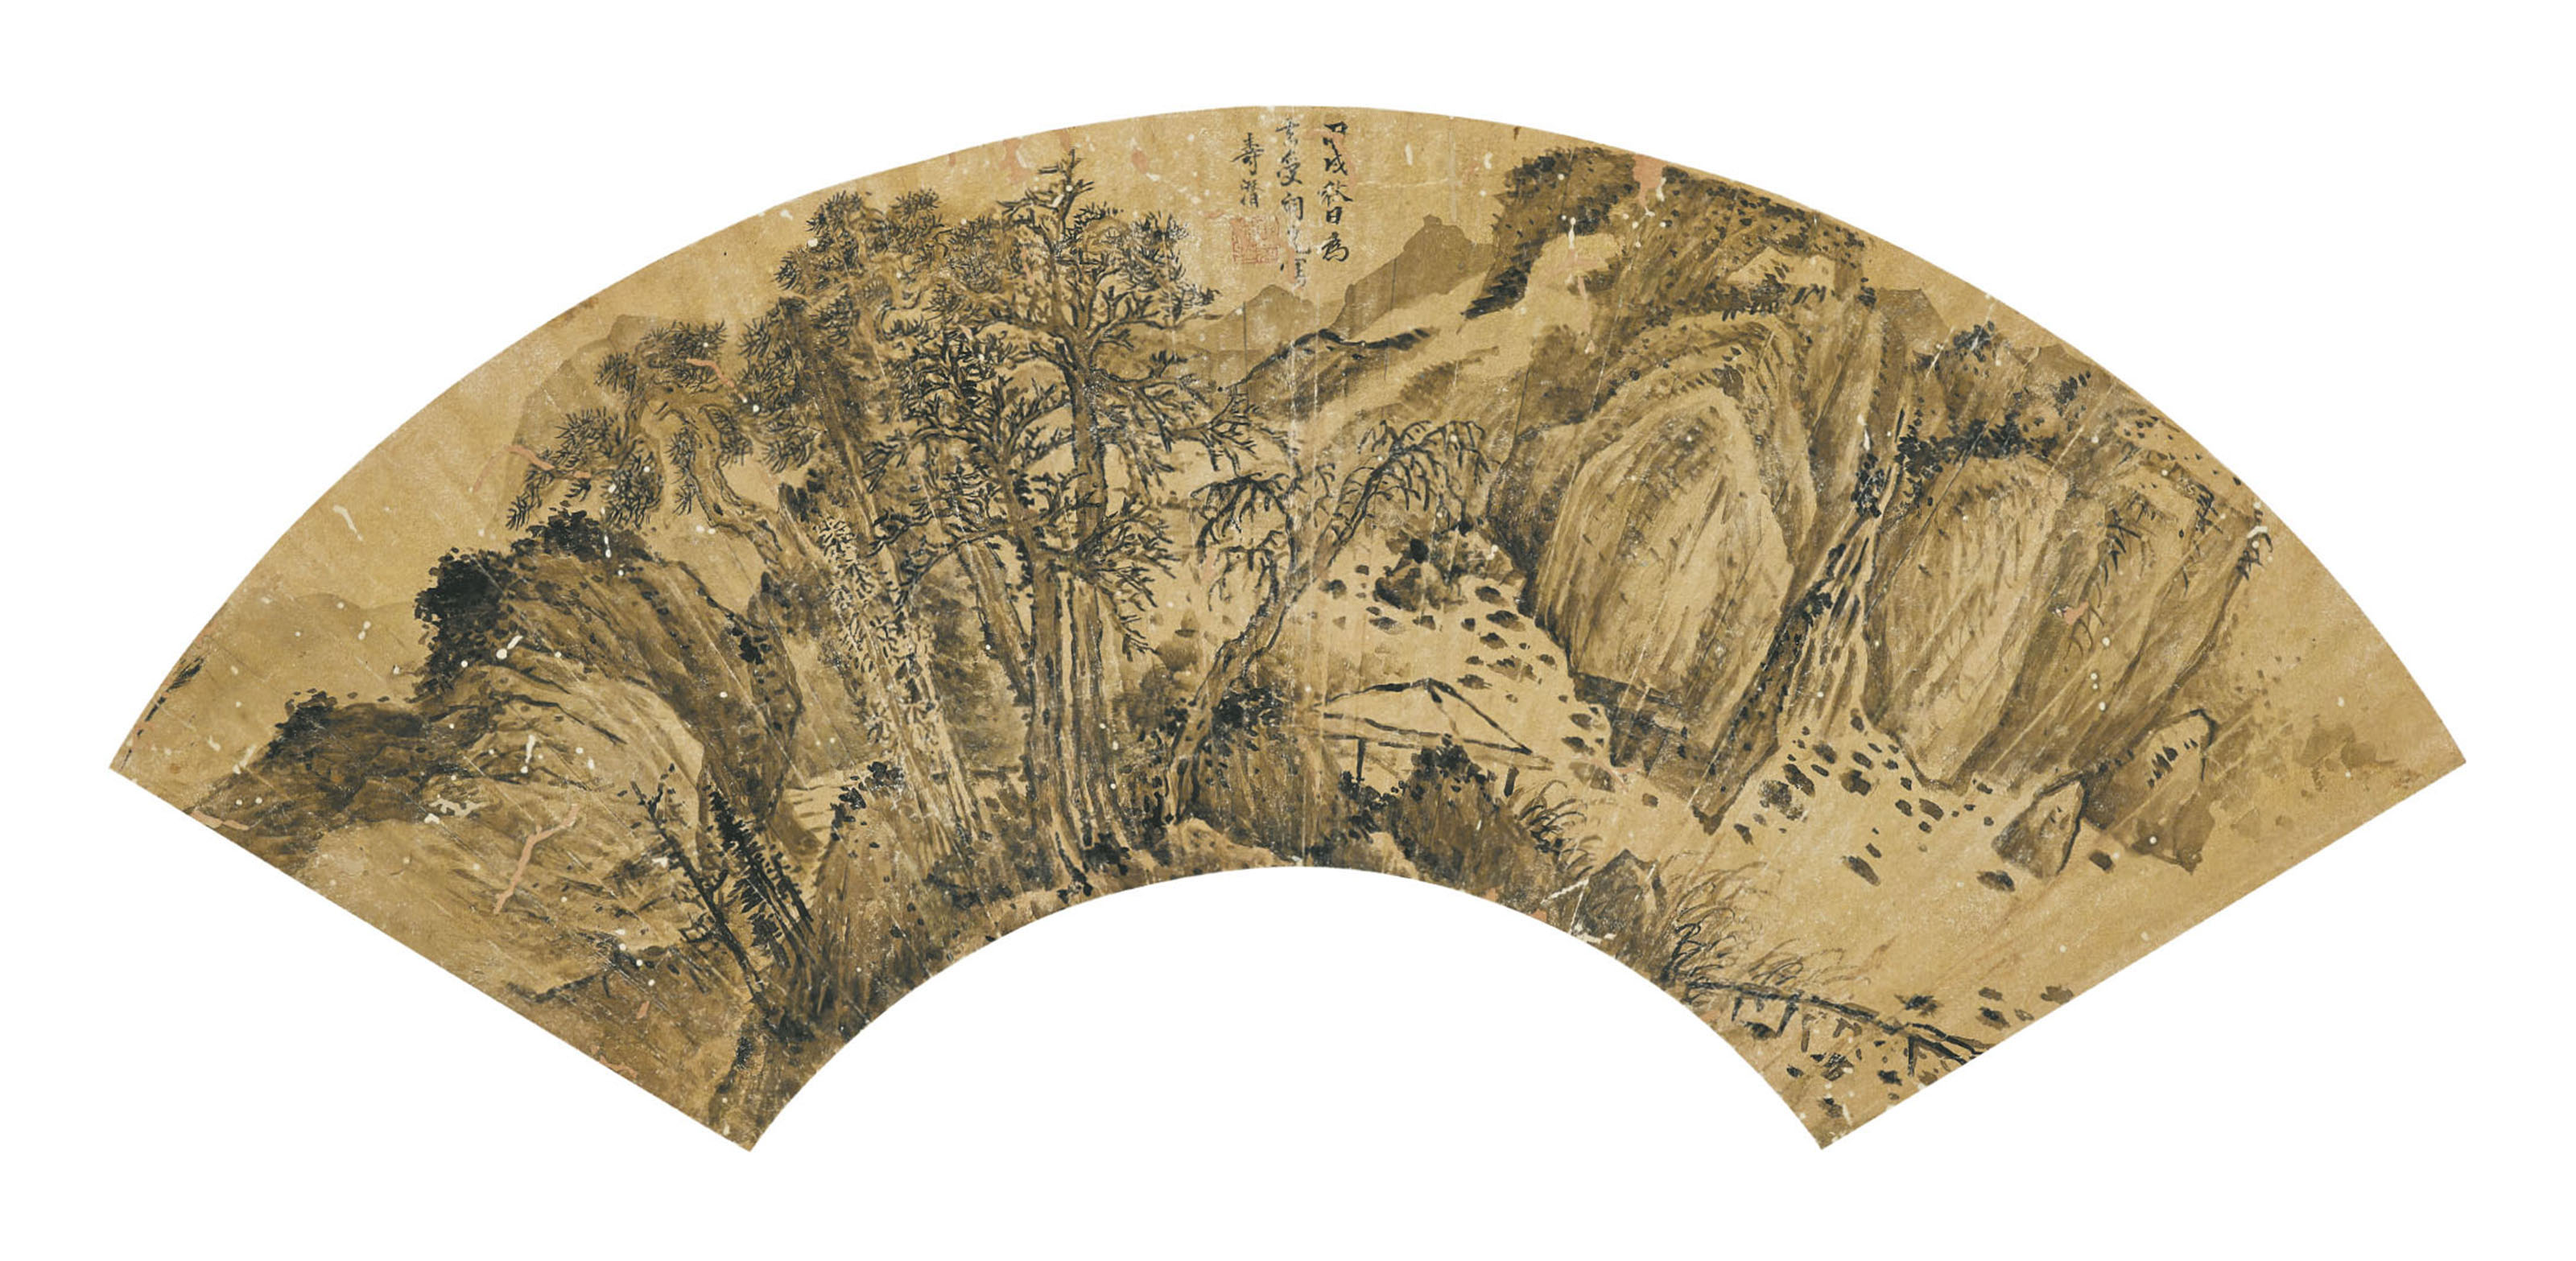 GU SHOUQIAN (17TH CENTURY)